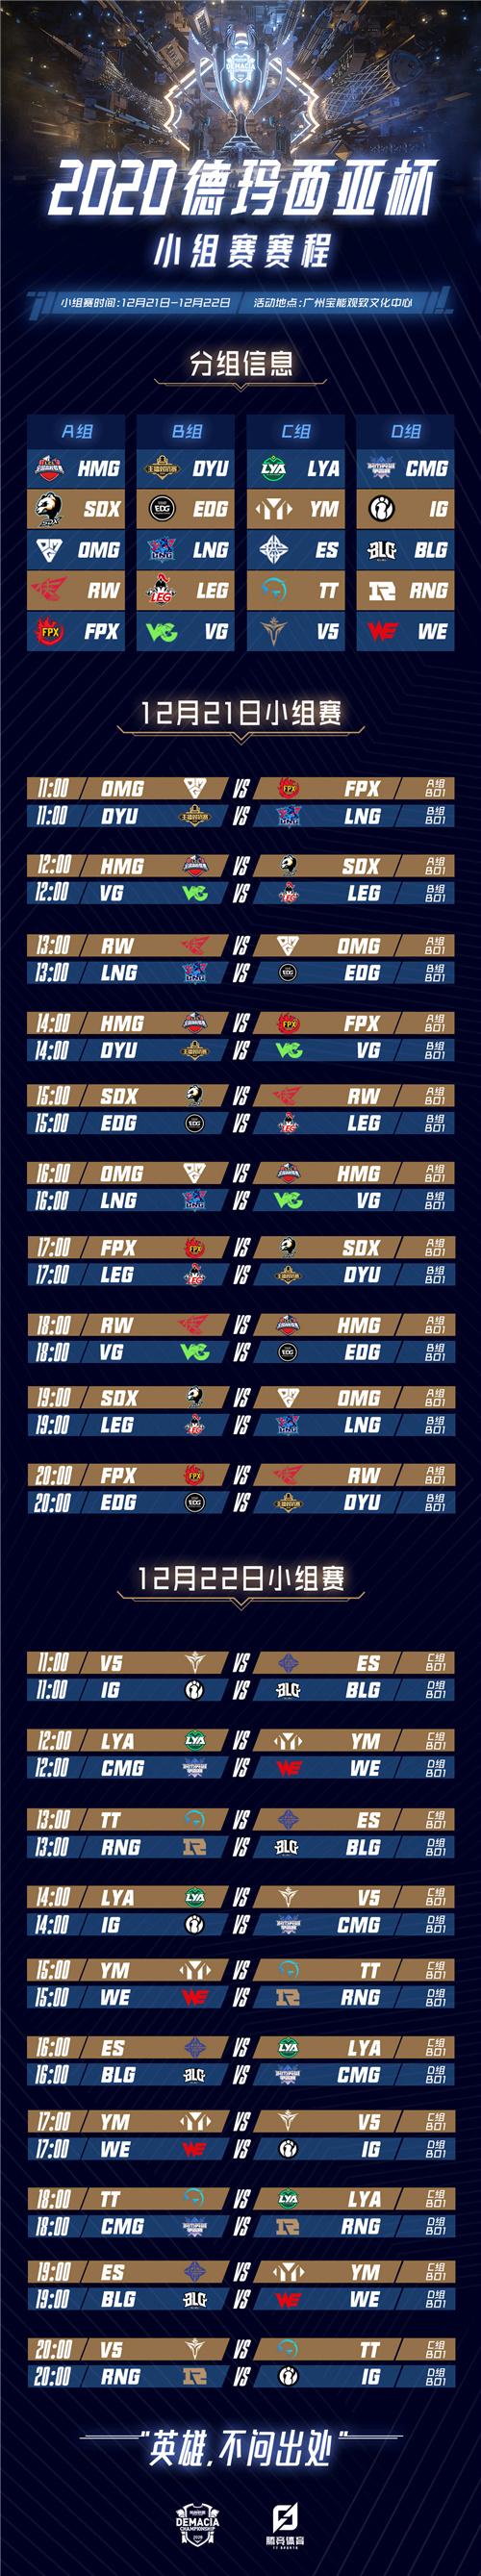 英雄联盟德玛西亚杯2020最新消息 赛程紧凑一天打20场比赛